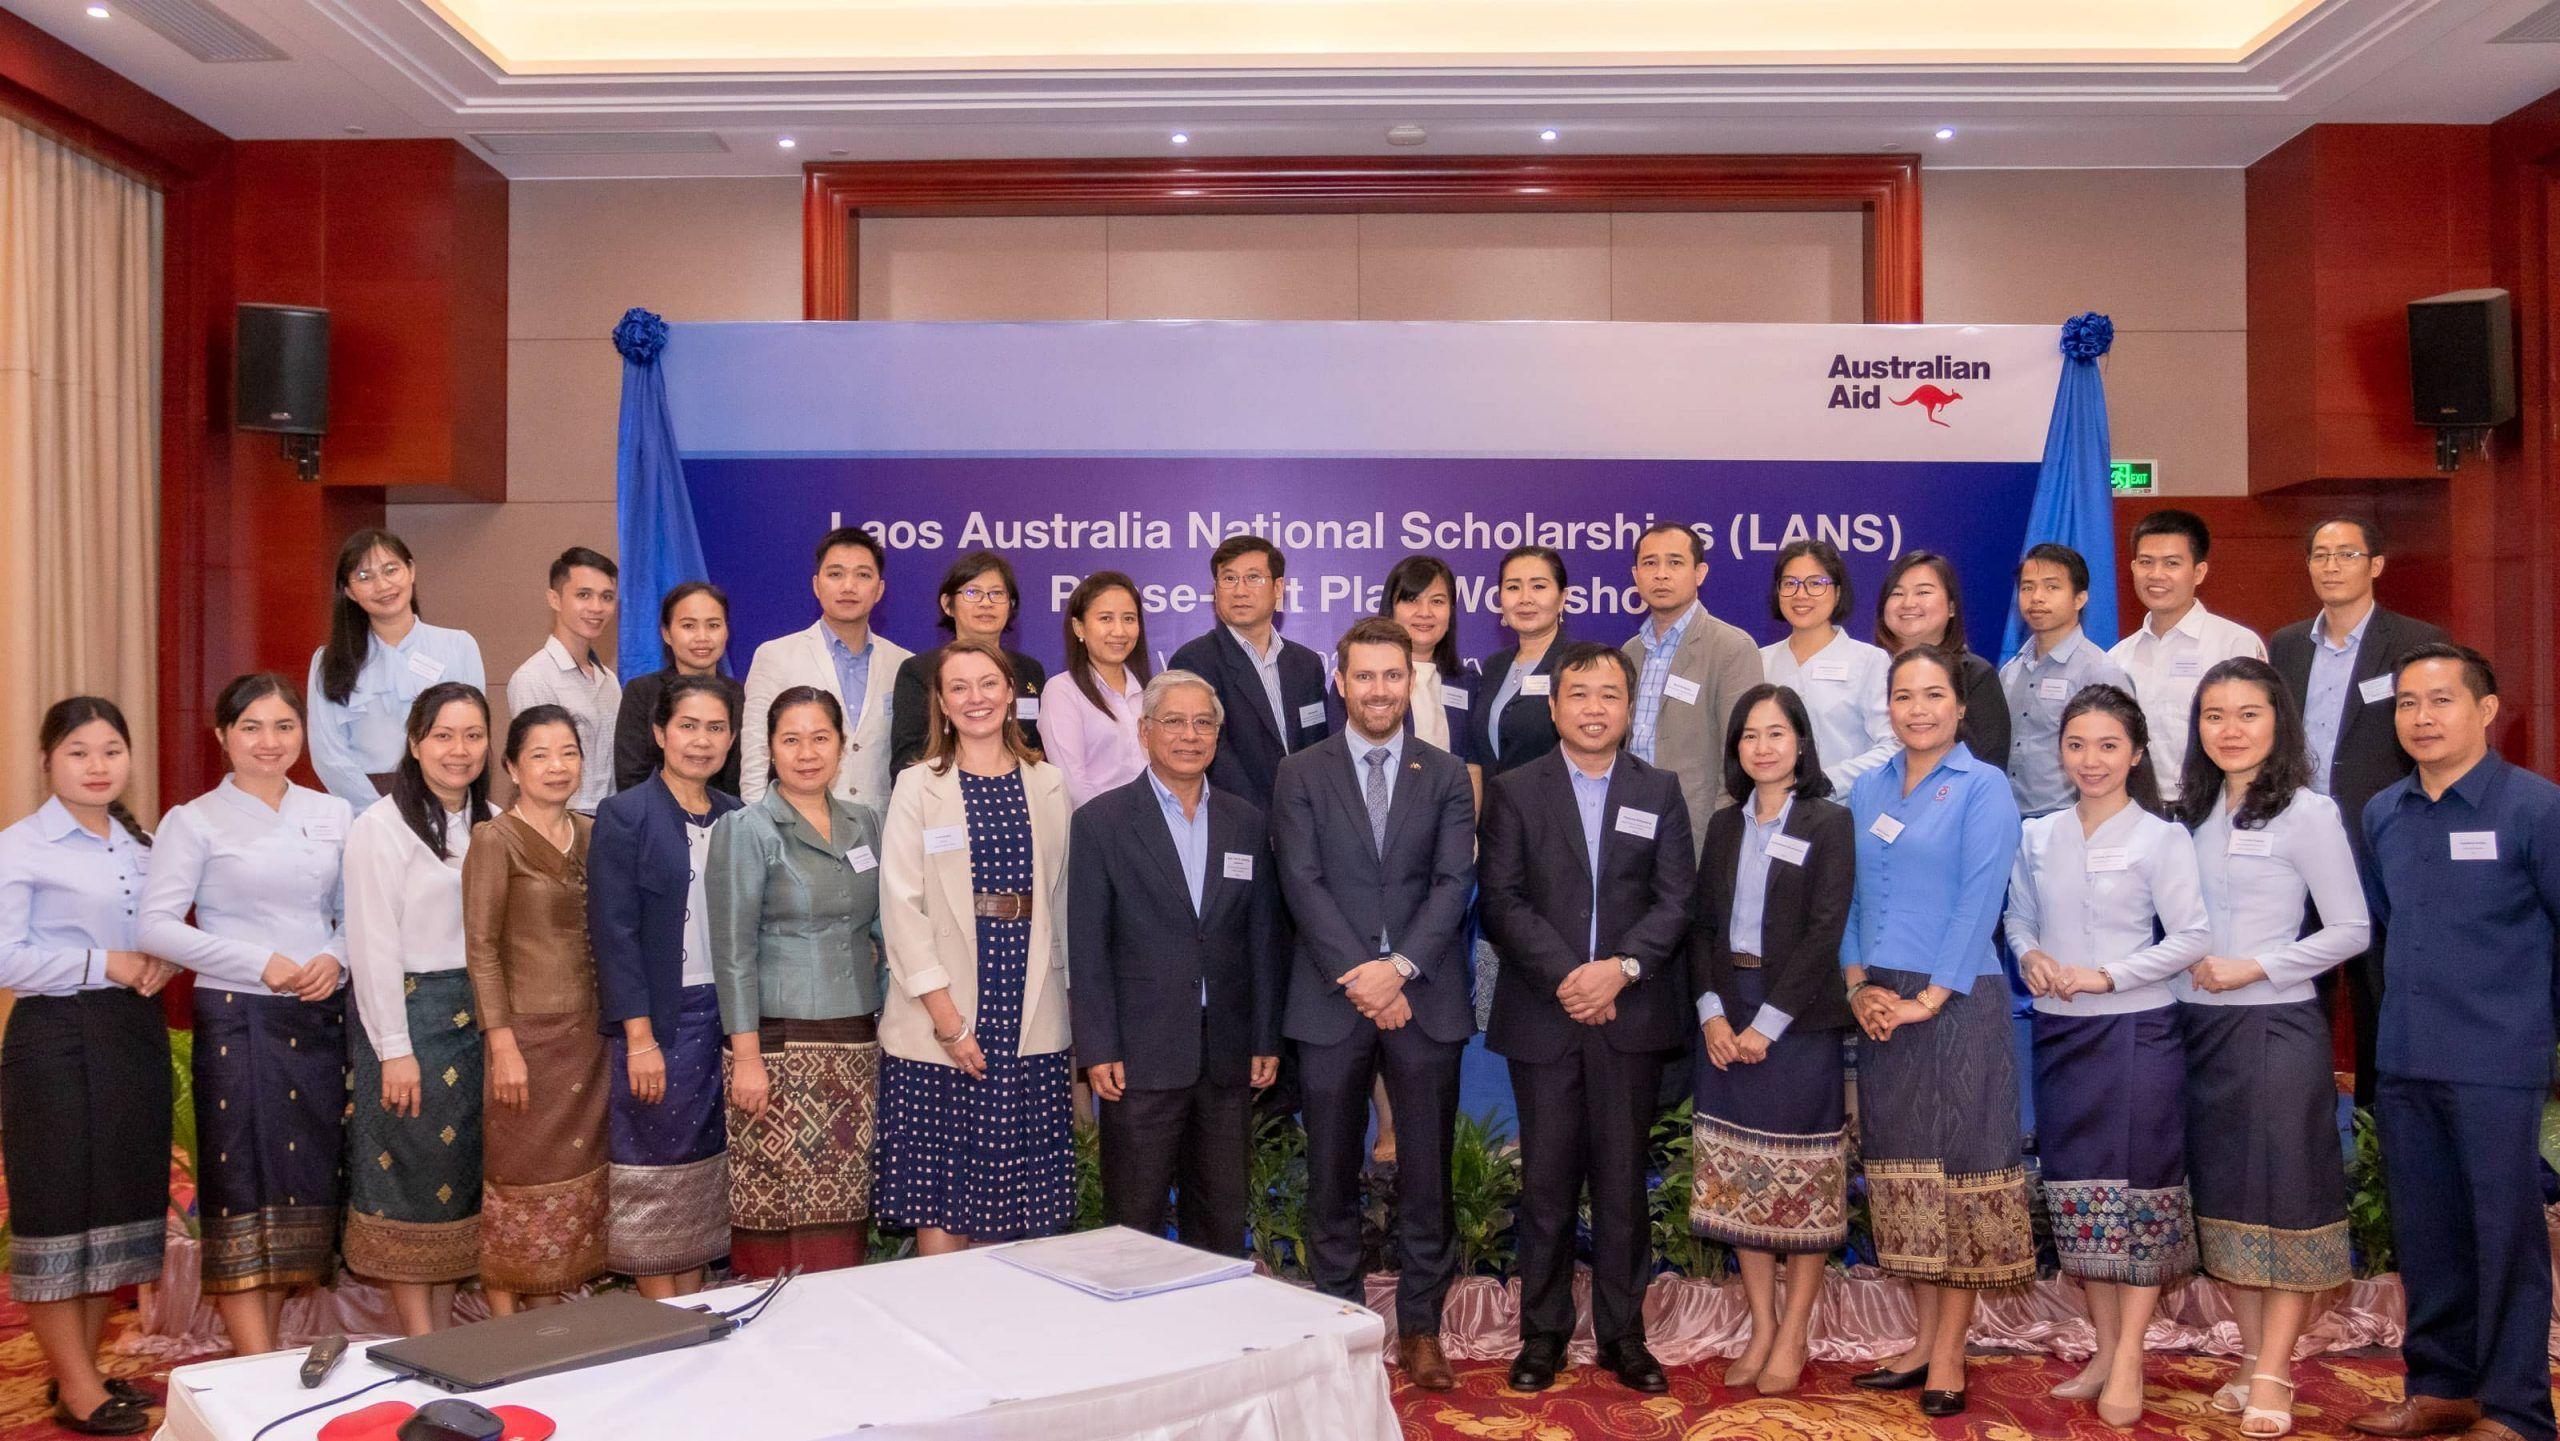 Laos Australia National Scholarships (LANS) Planning Workshop celebrates achievements